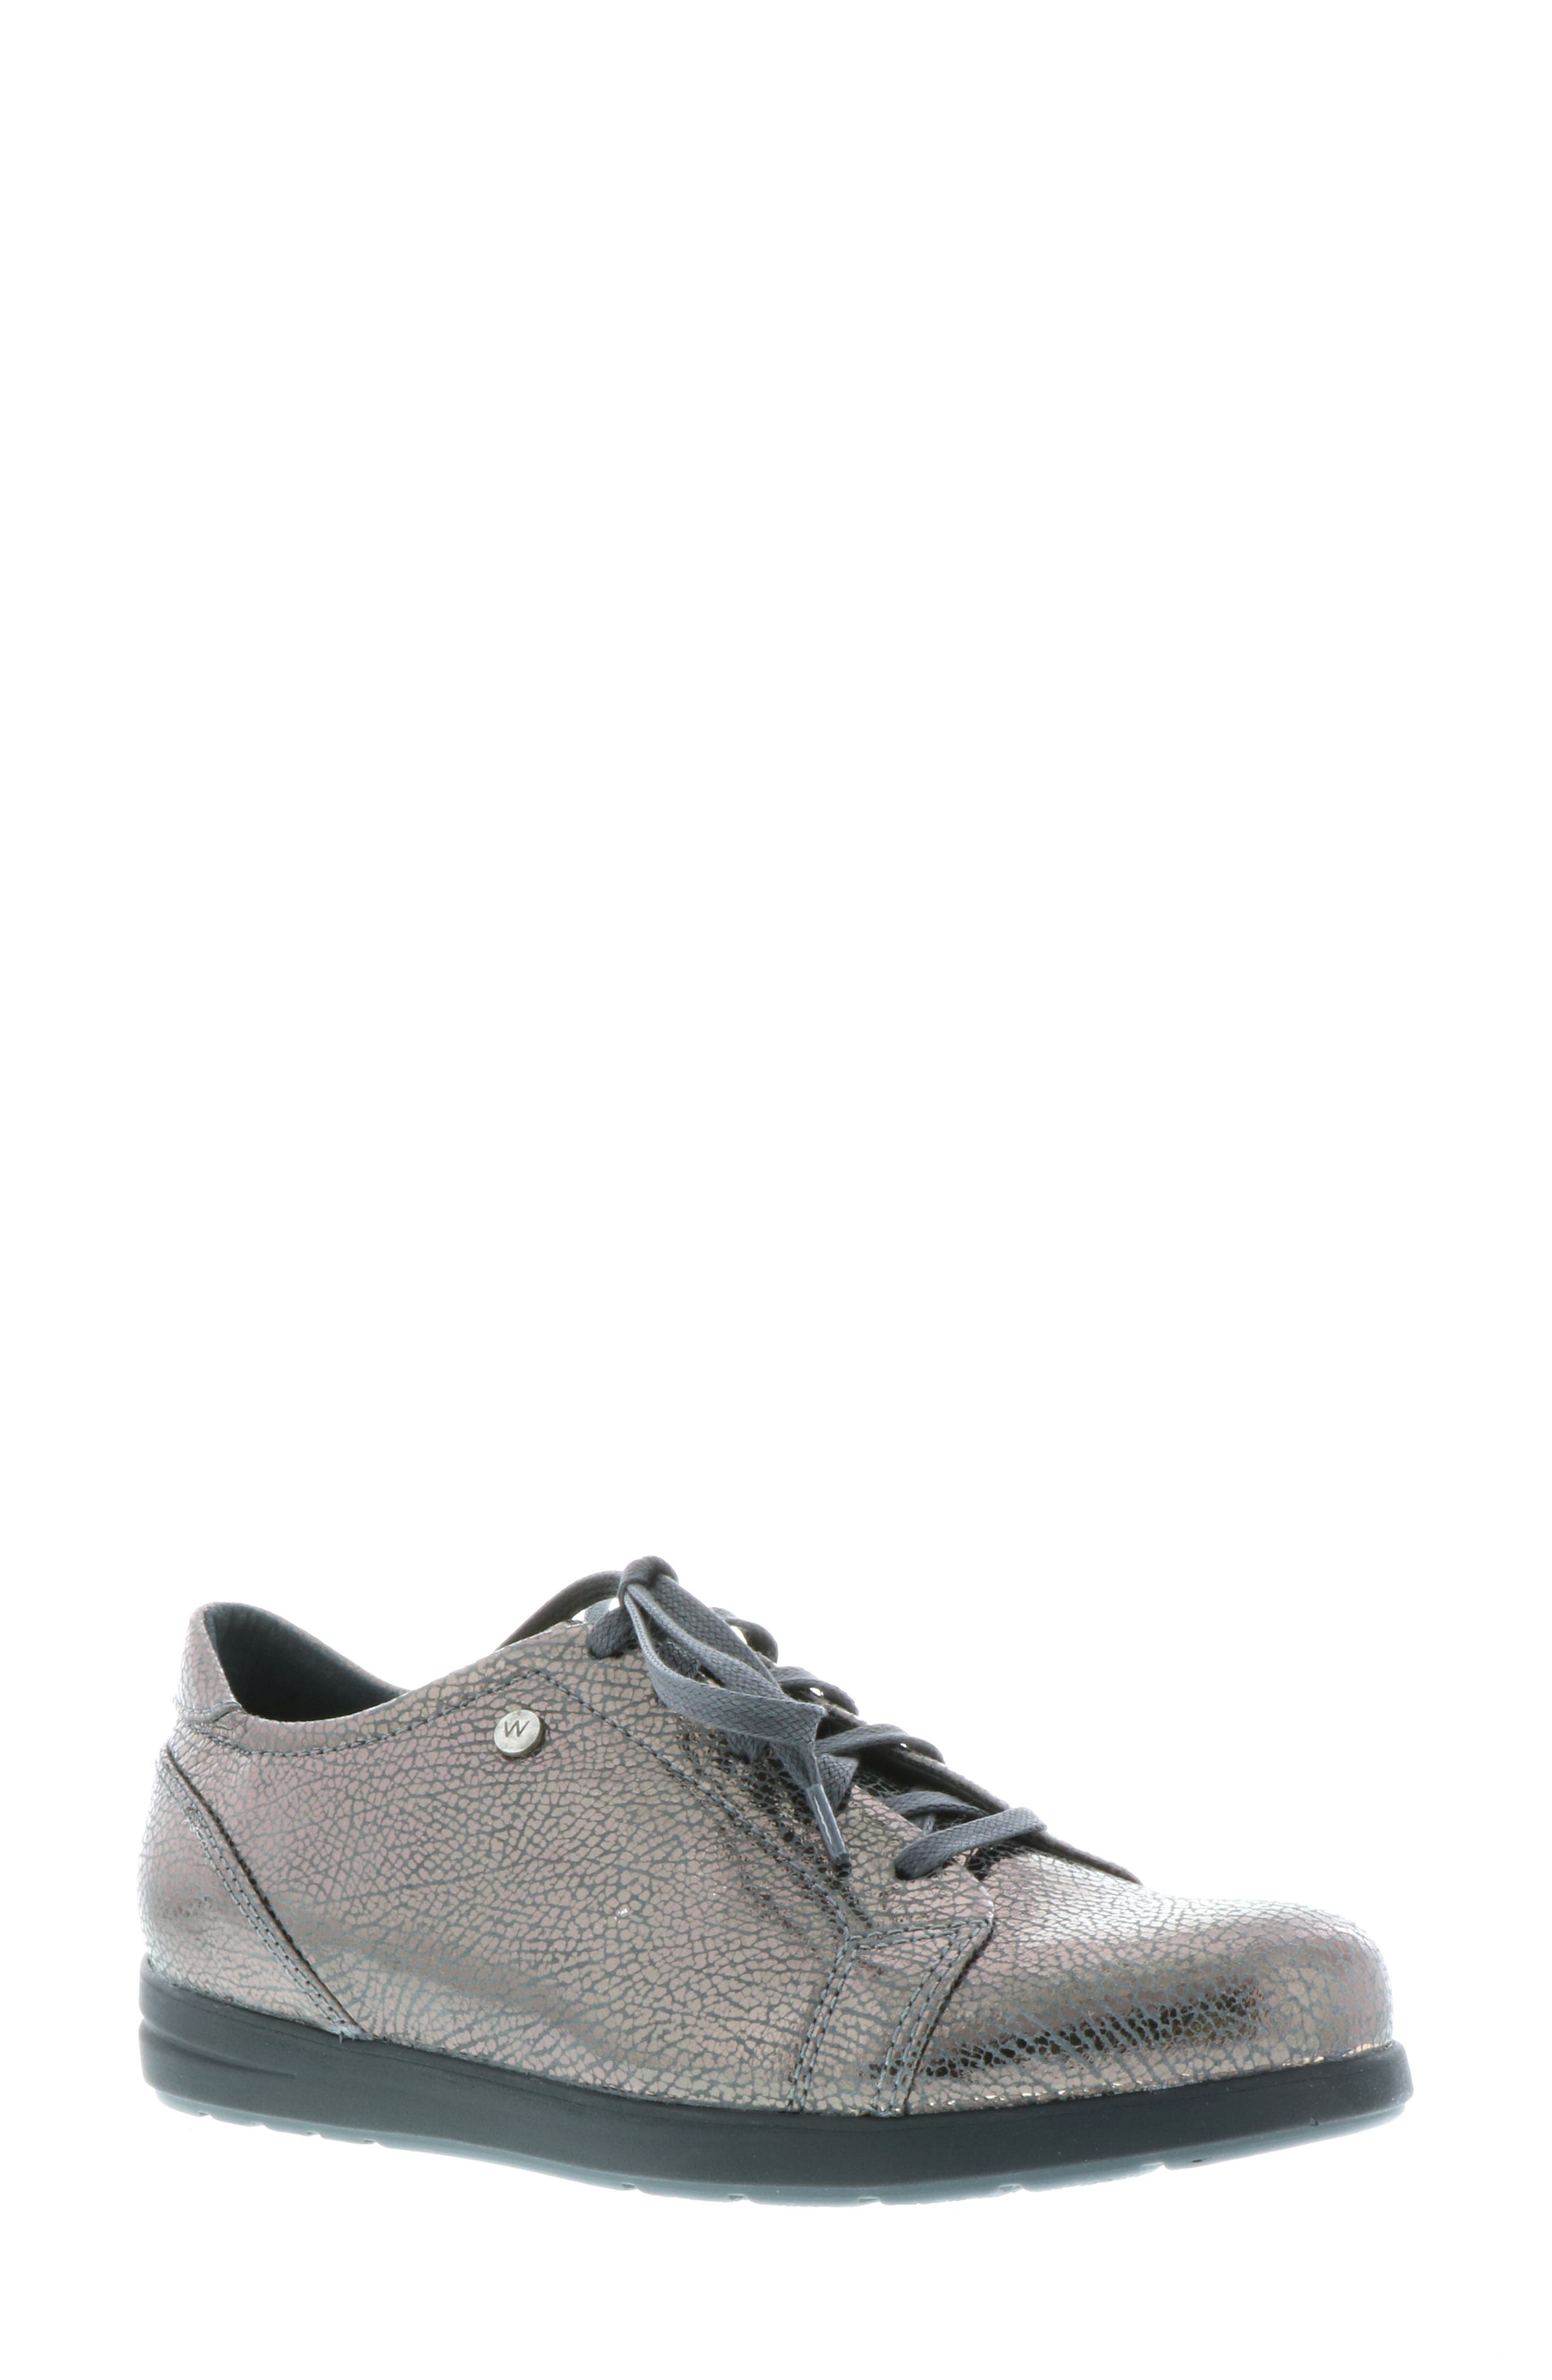 Wolky Kinetic Sneaker-9 - Grey